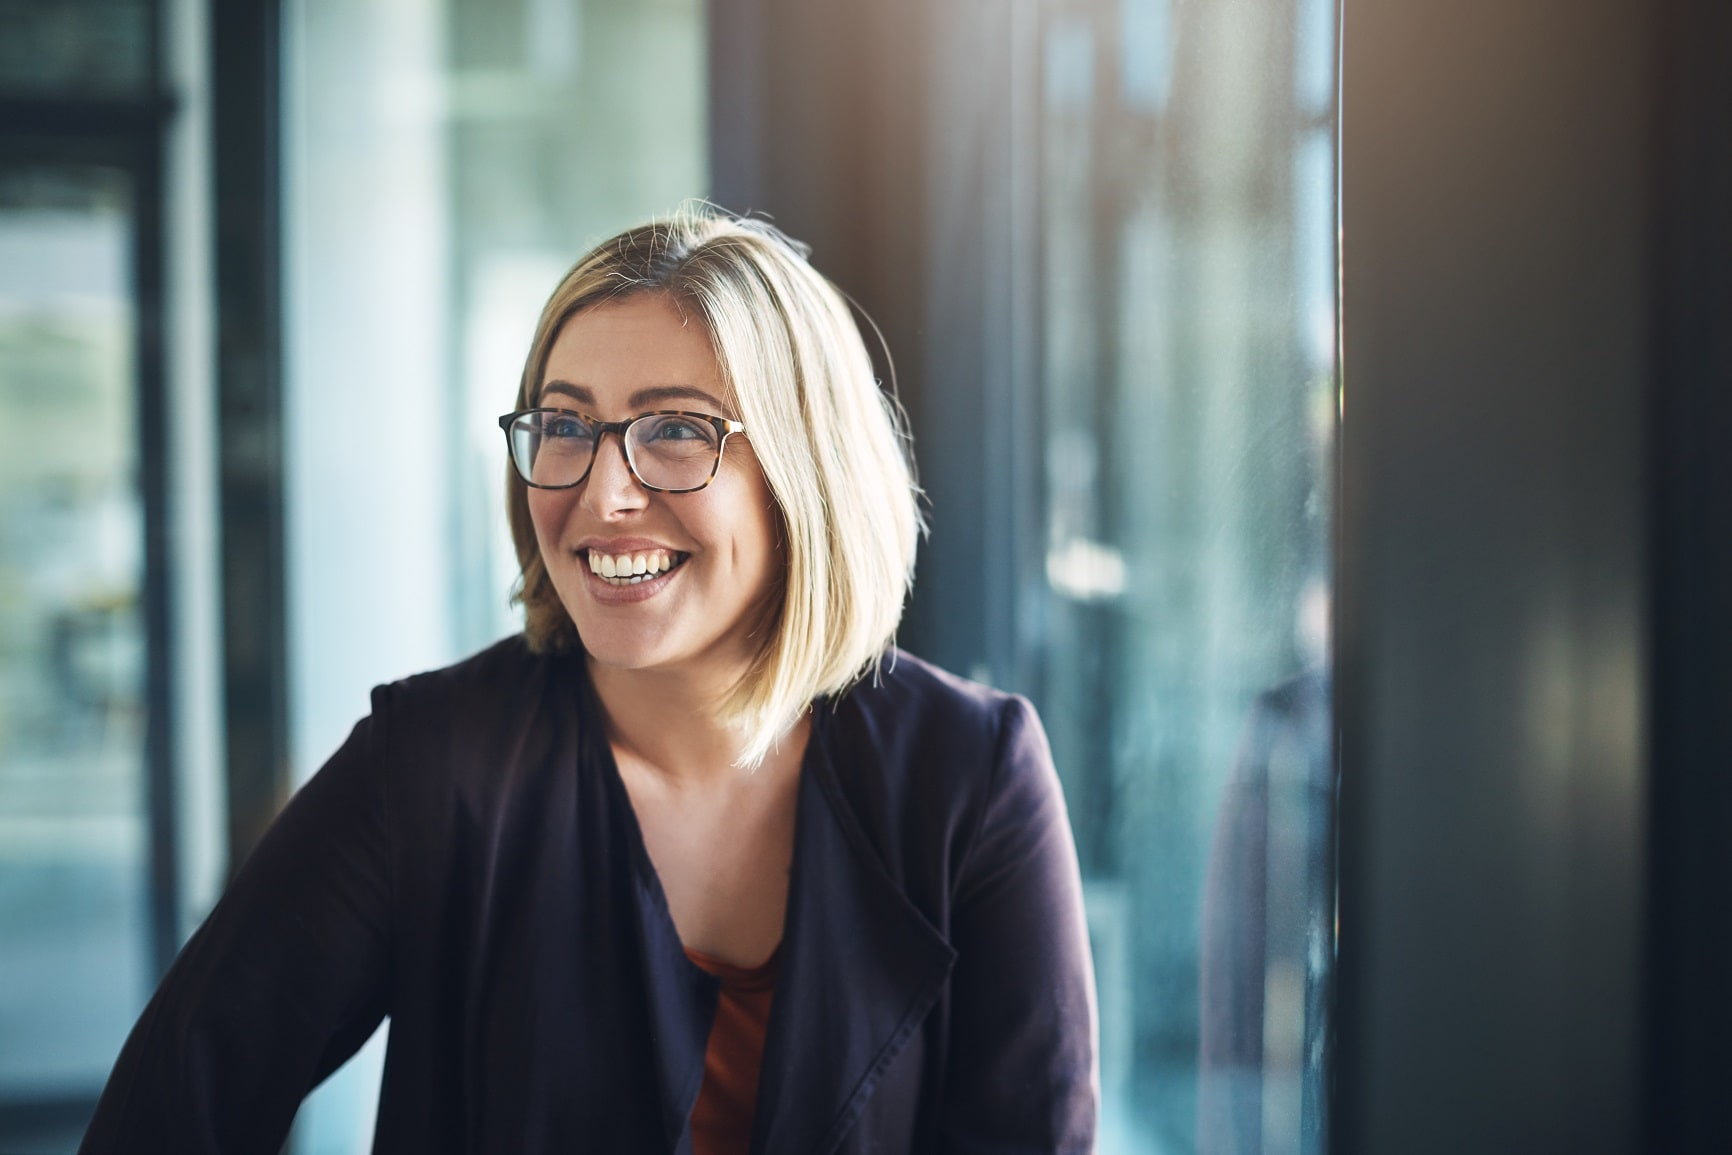 Woman in a modern office